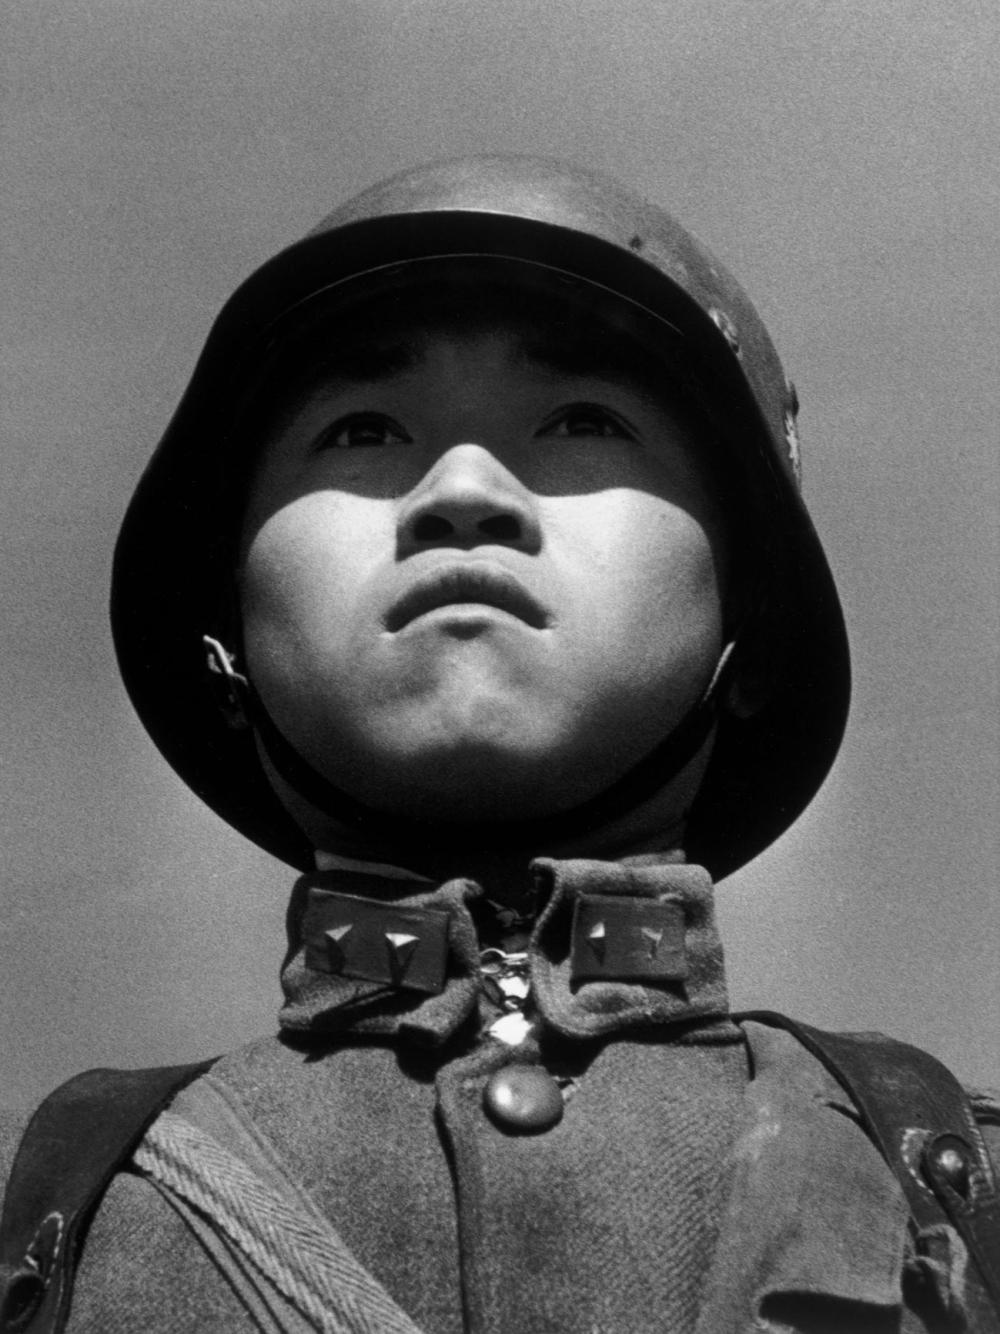 Esta fotografía de un niño soldado de Robert Capa fue portada de la revista Life en 1938.